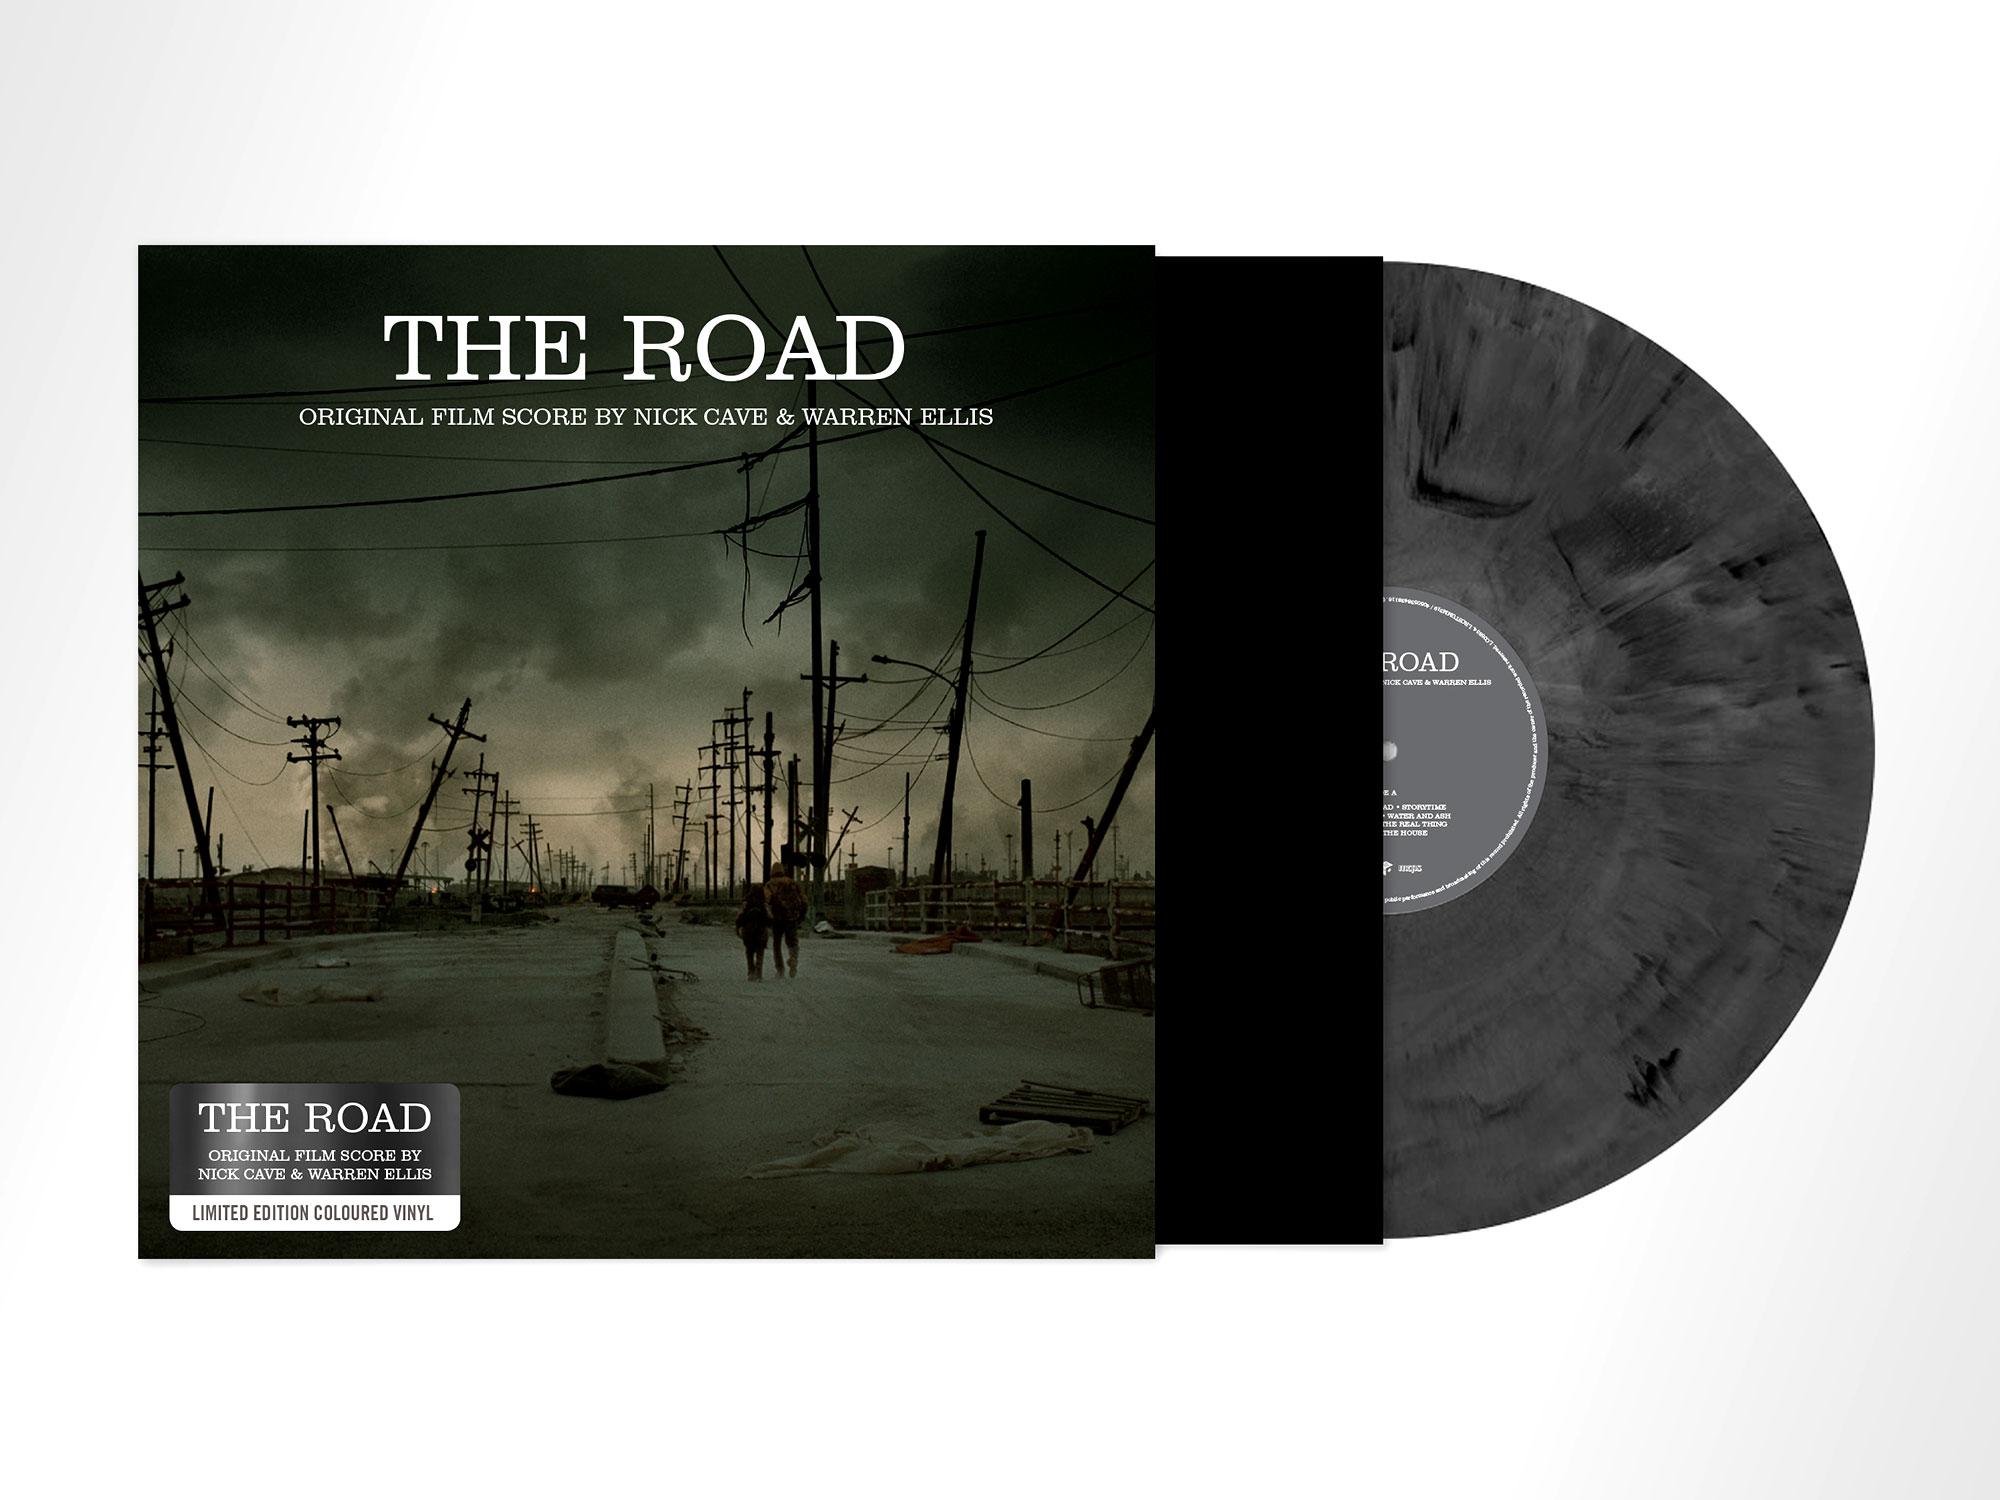 Nick Cave and Warren Ellis' The Road score is coming to vinyl